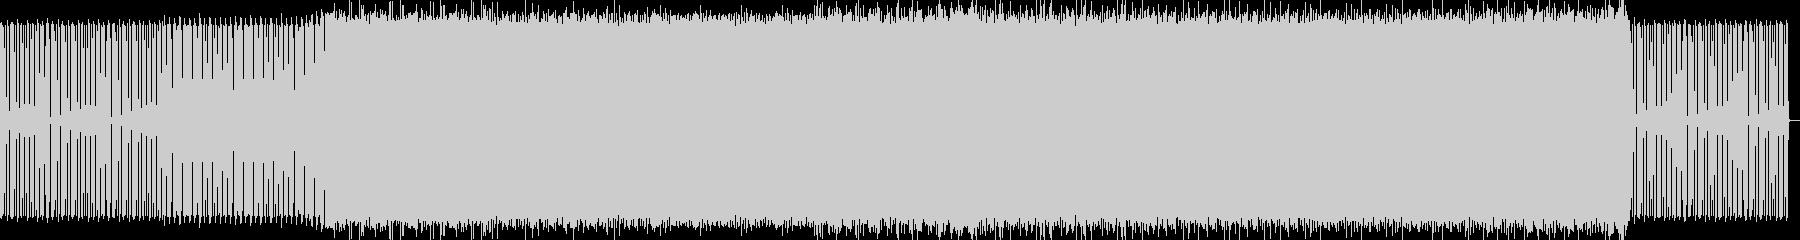 イントロドラム電子ドラム、シンセ1...の未再生の波形